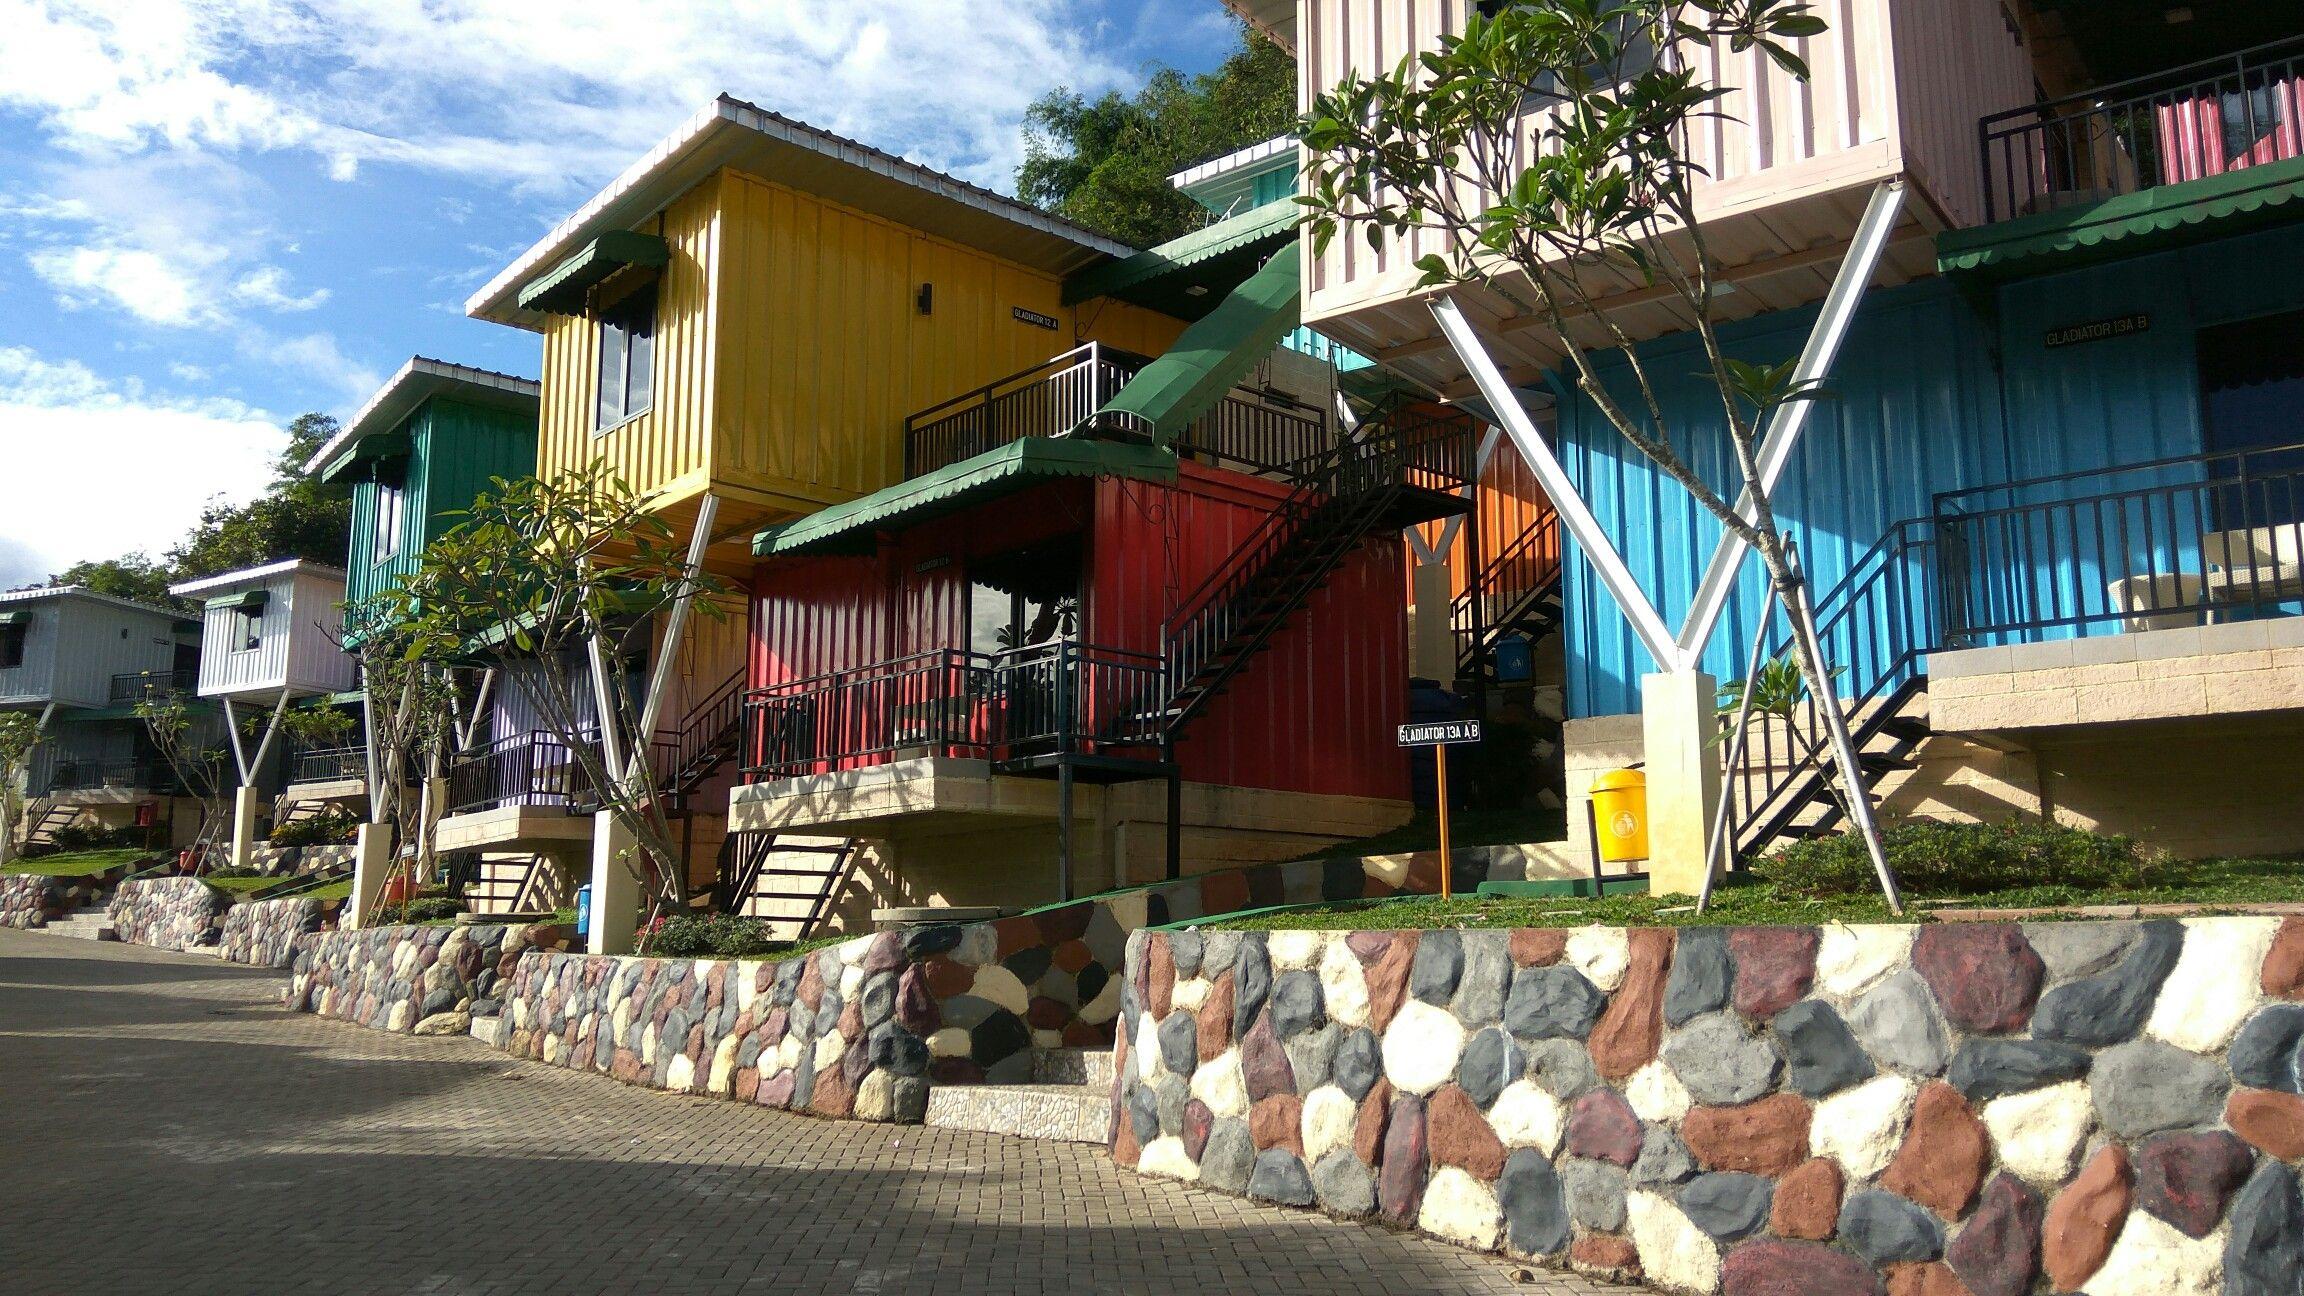 Jeep Station Indonesia Resort Megamendung Bogor Visited